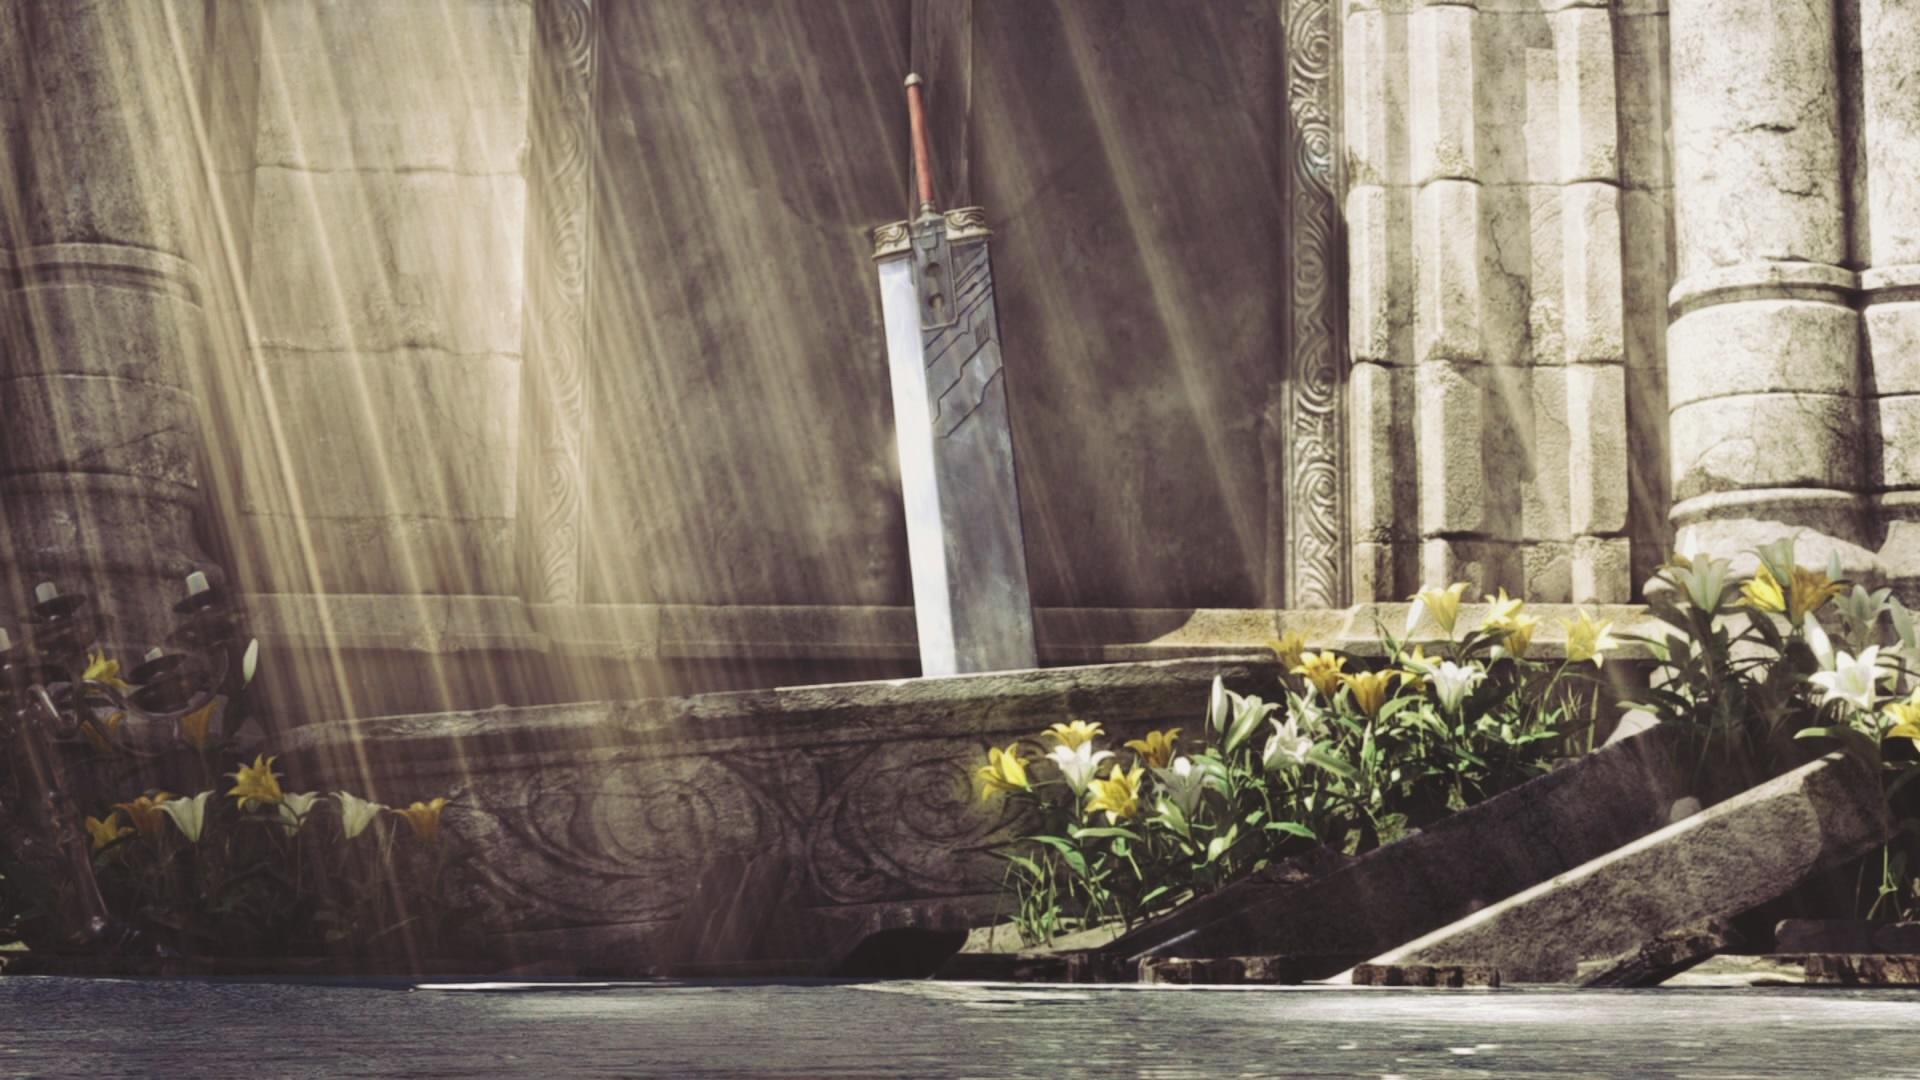 Una nuova immagine trapelata di Final Fantasy VII Remake mostra Air Buster!